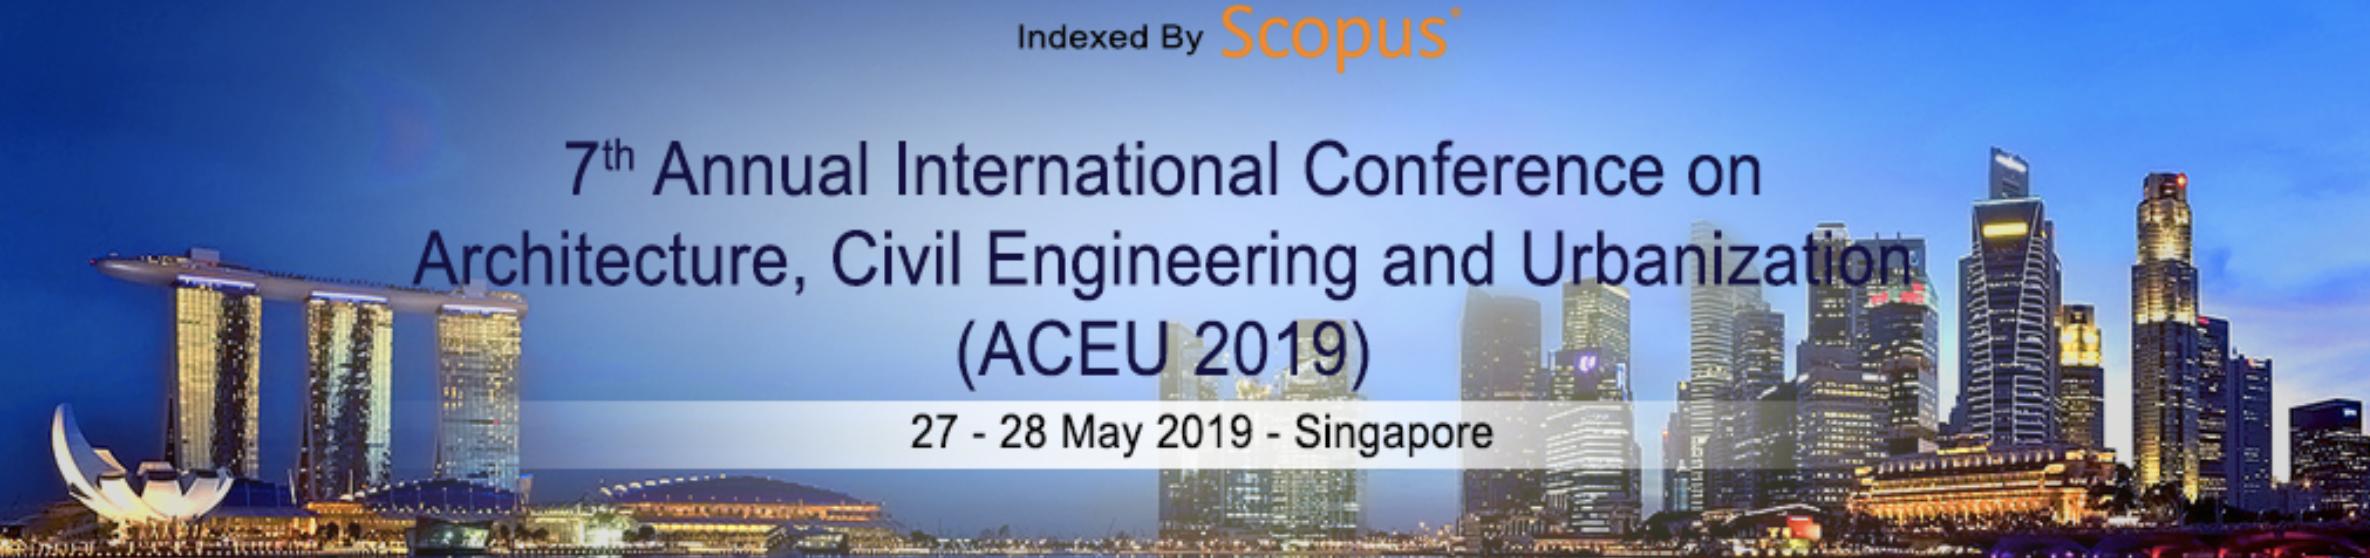 ACE Conferences